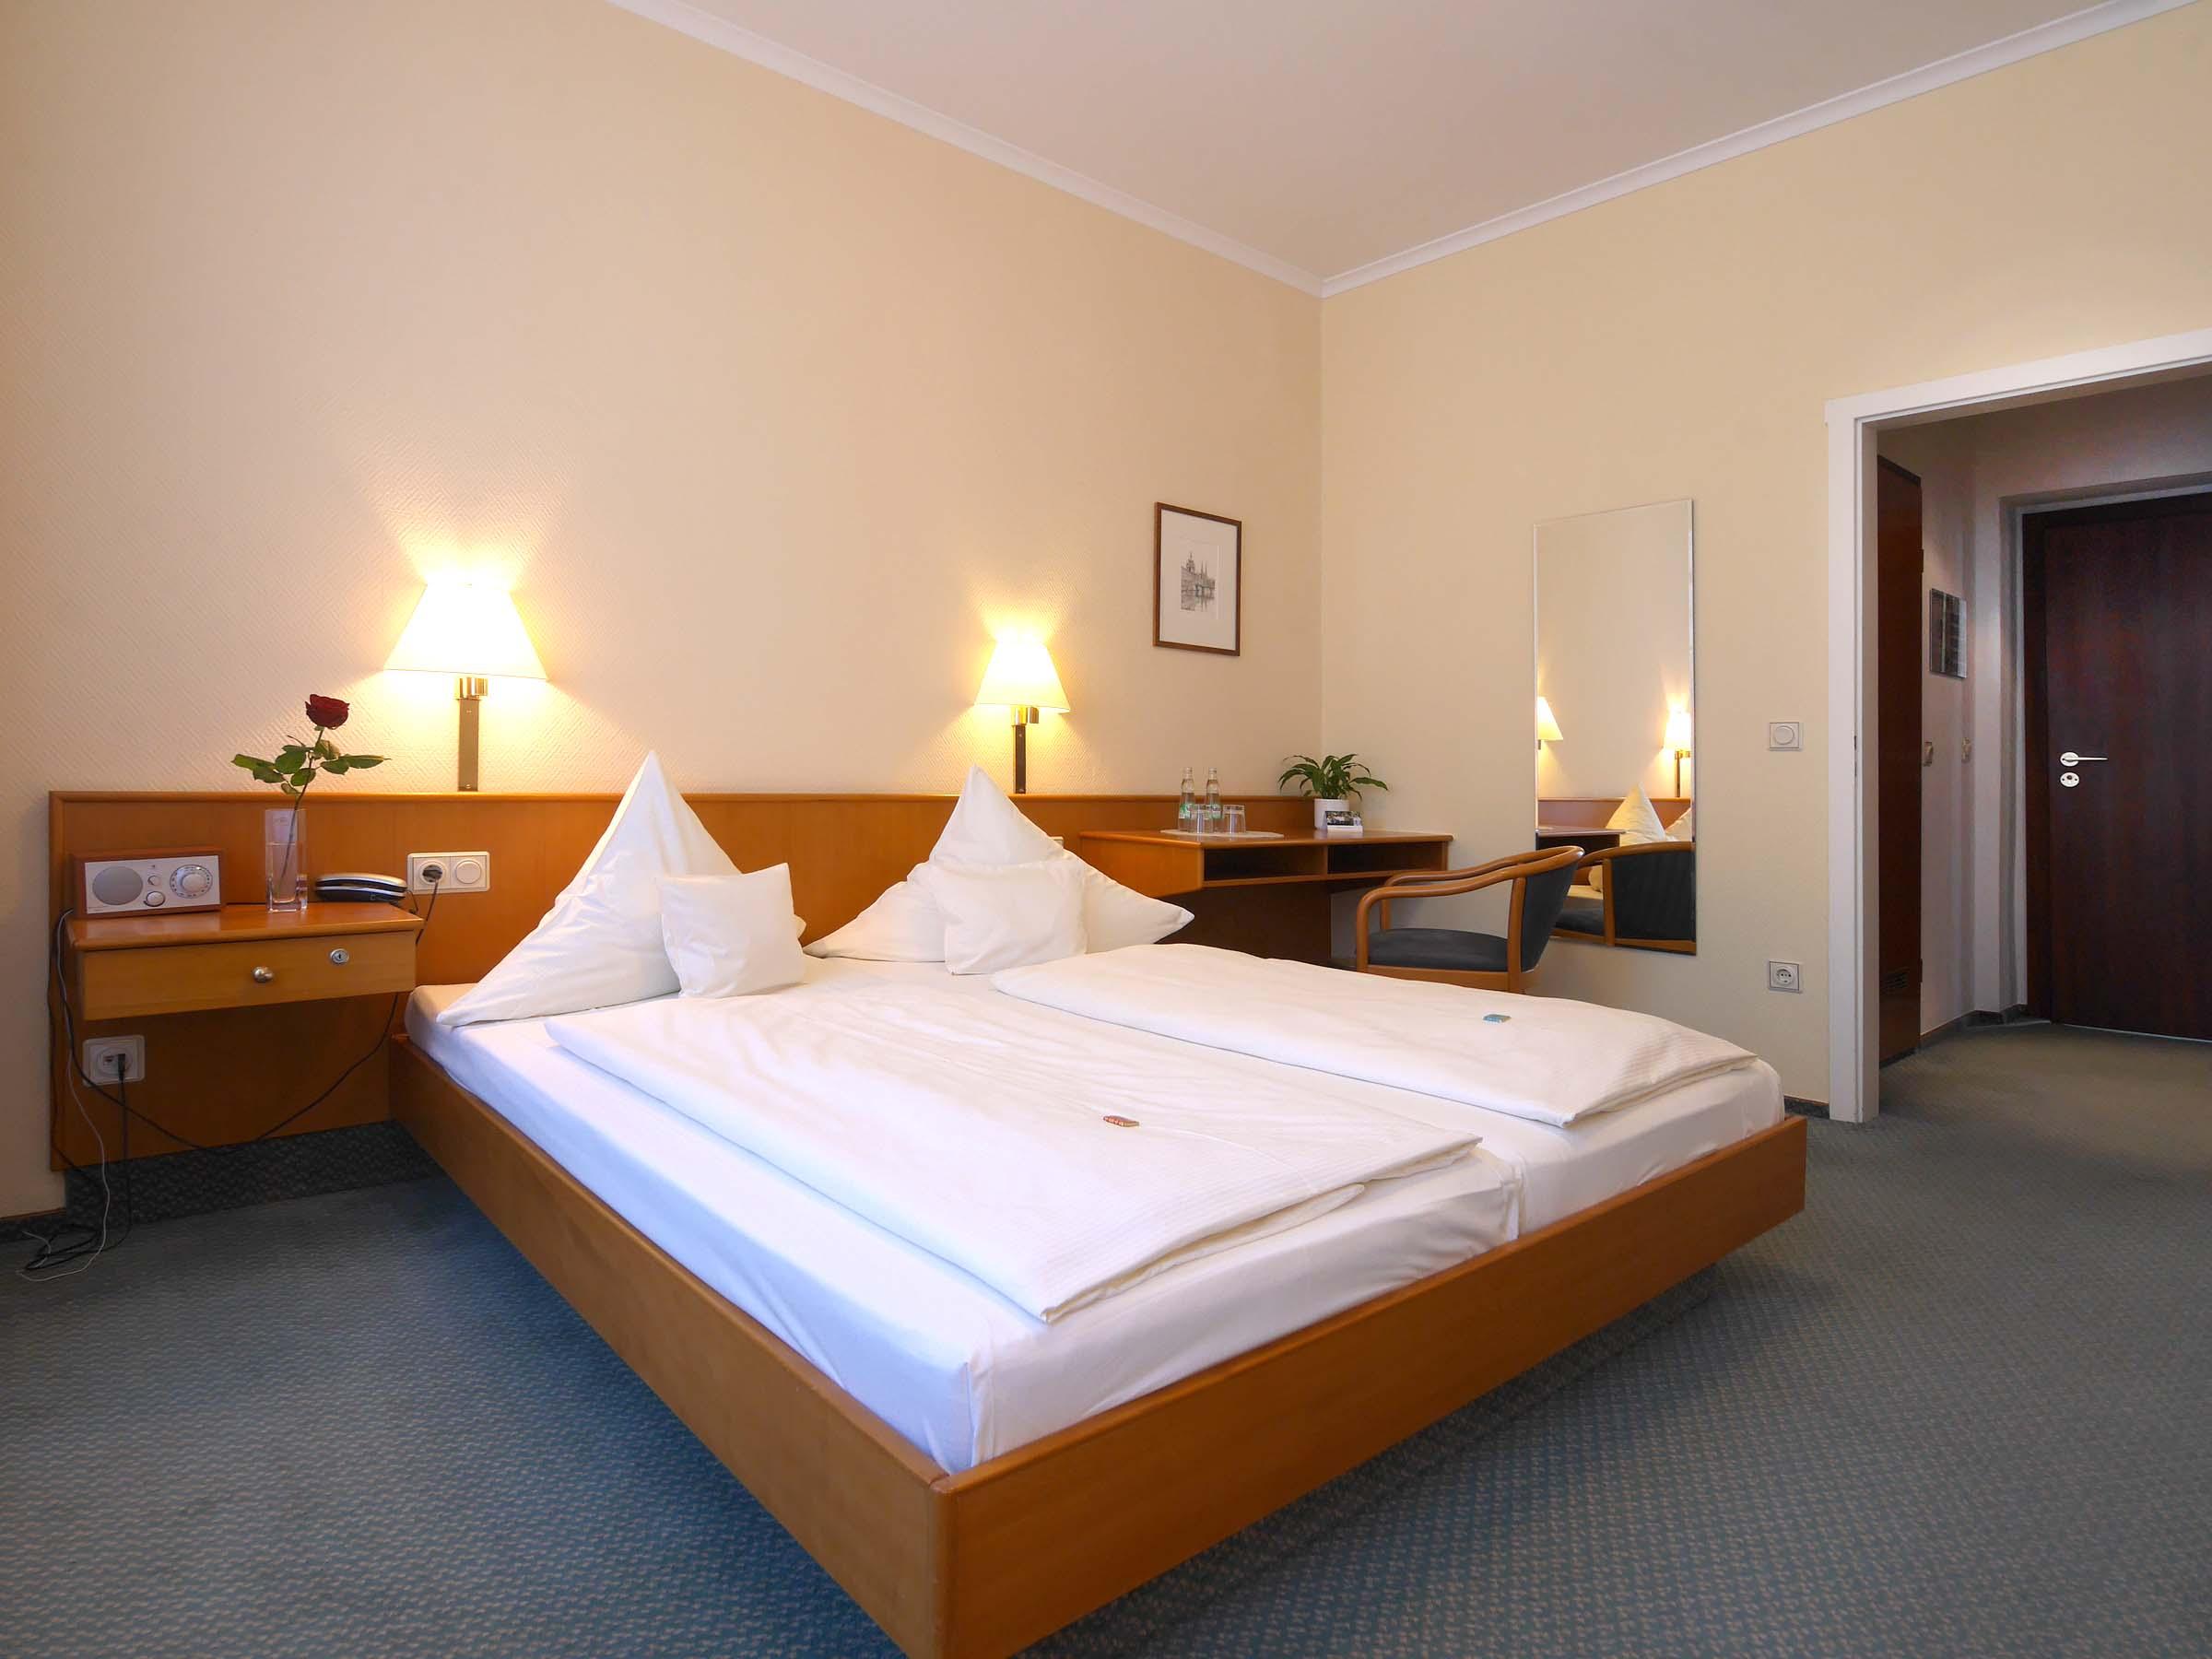 Unsere hotelzimmer hotel martha dresden for Hotelzimmer dresden